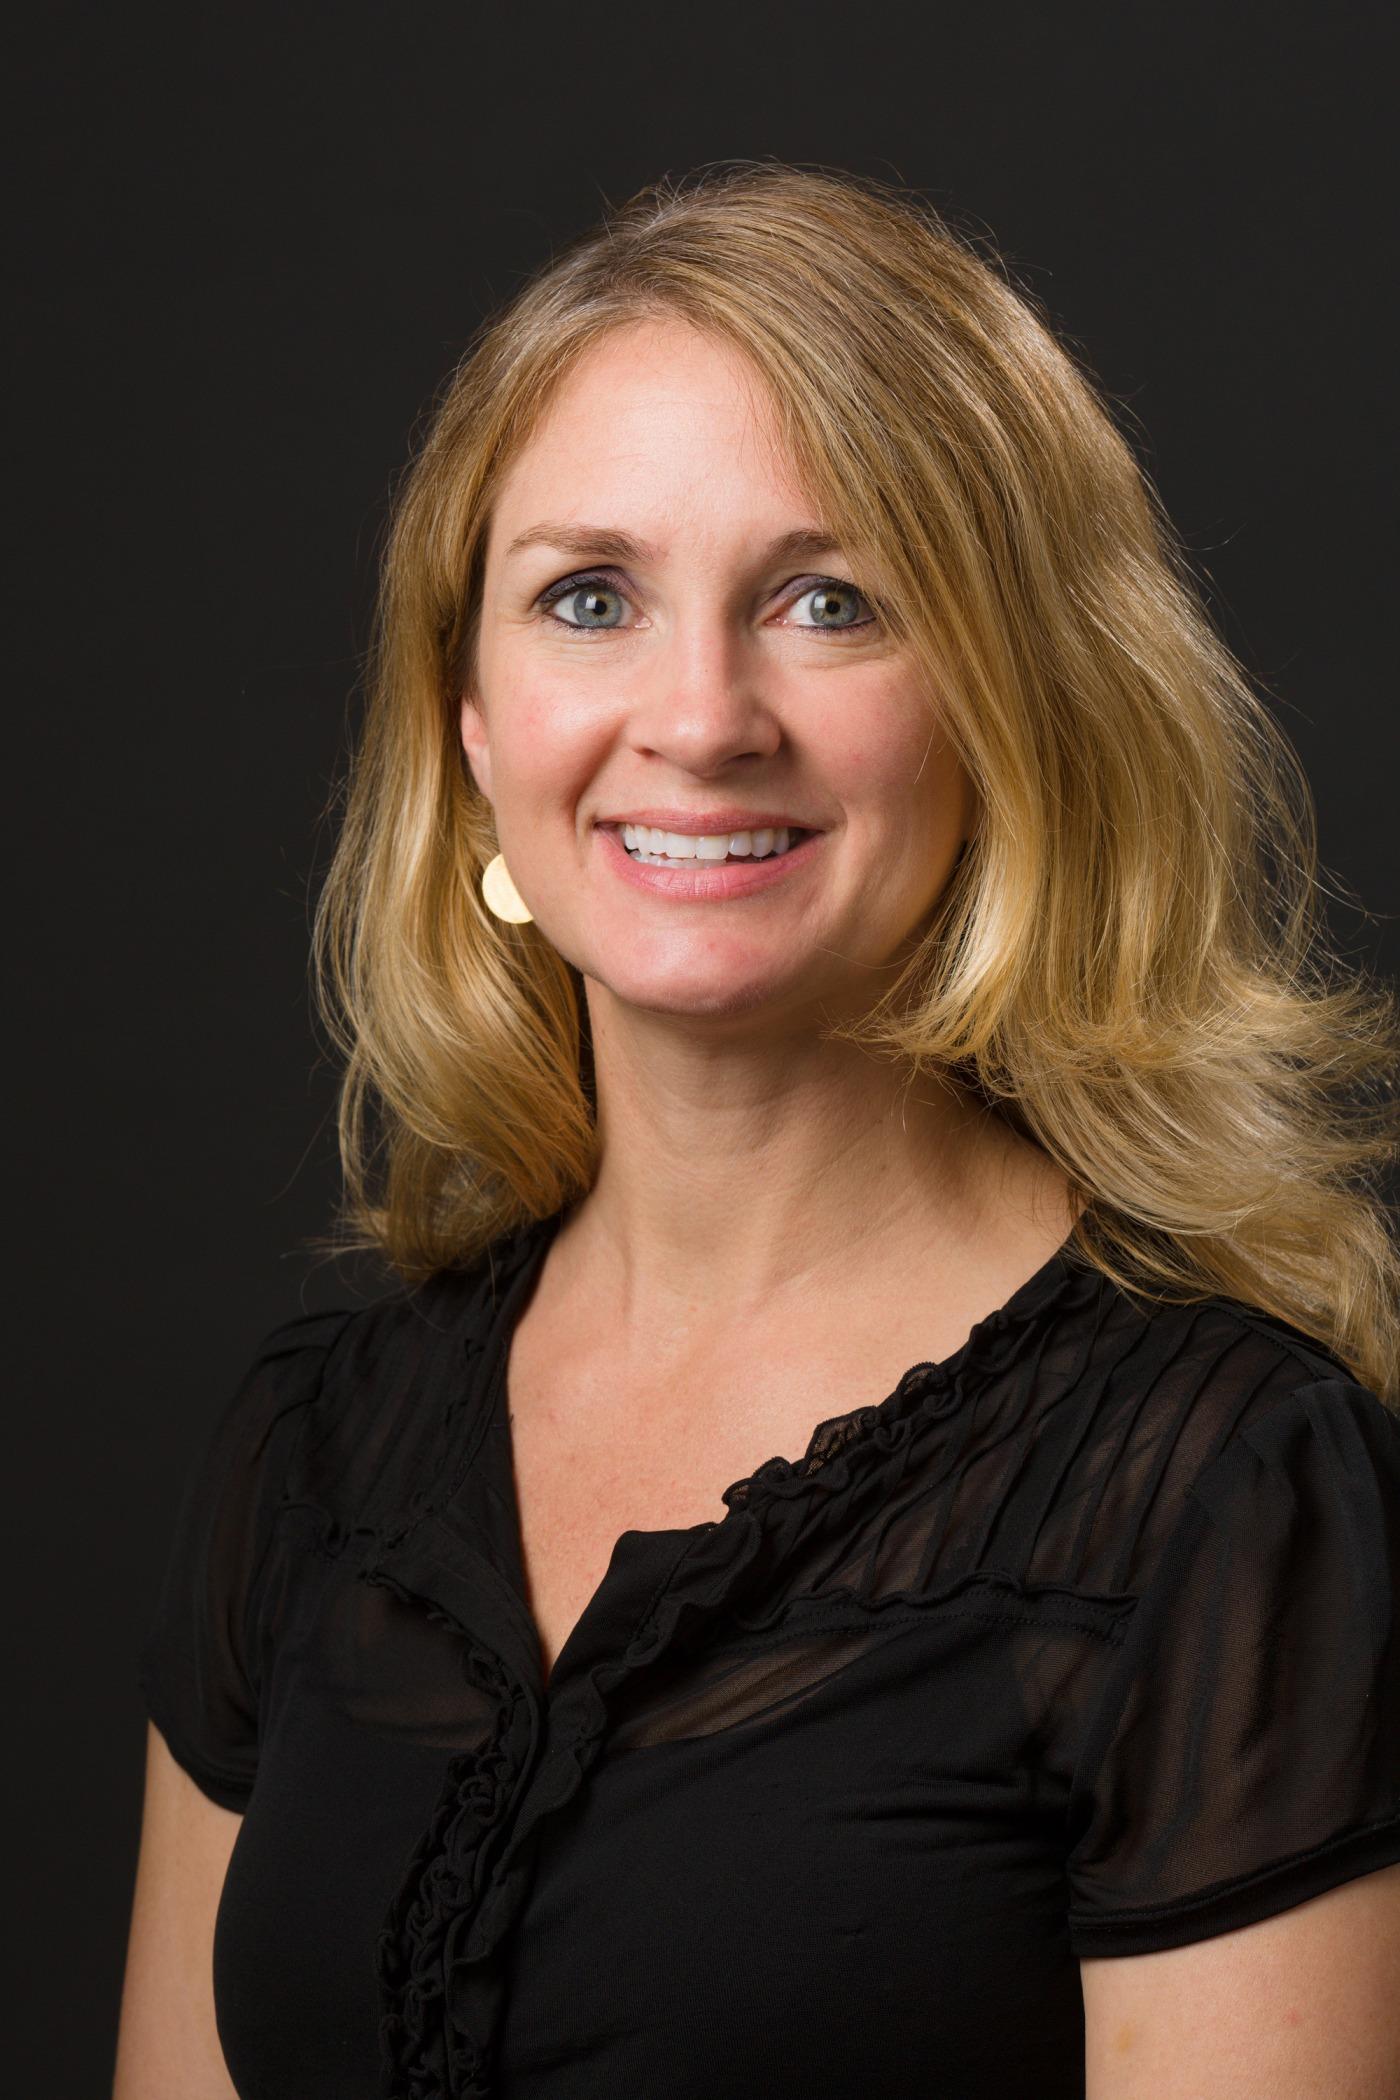 Dr. Tara Sanft